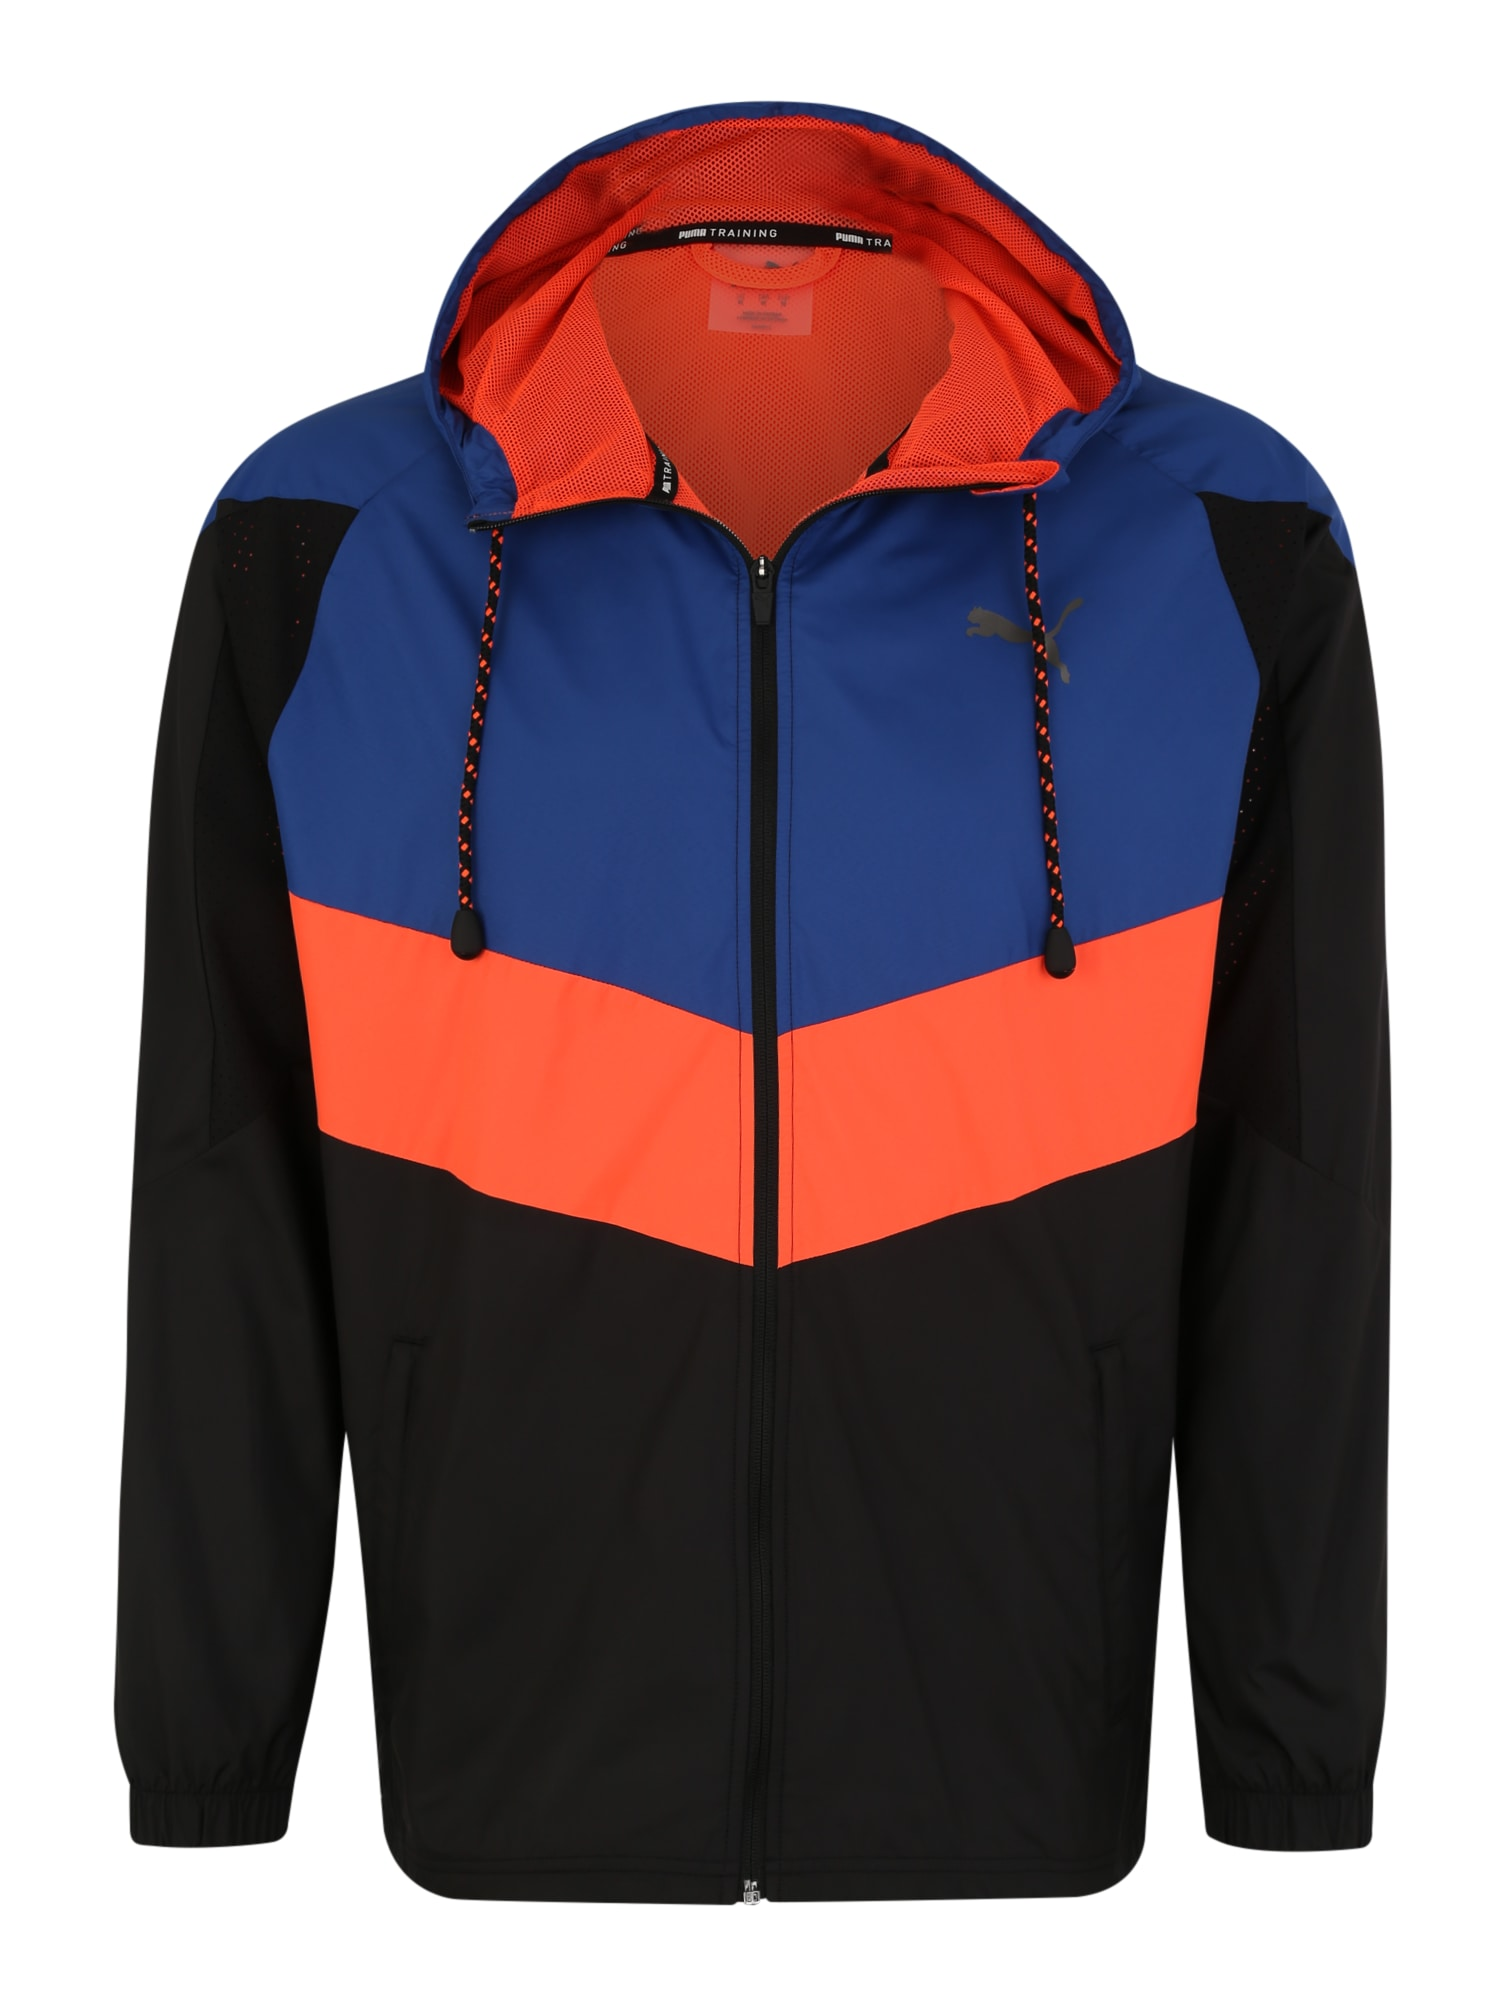 Sportovní bunda Reactive tmavě modrá červená černá PUMA